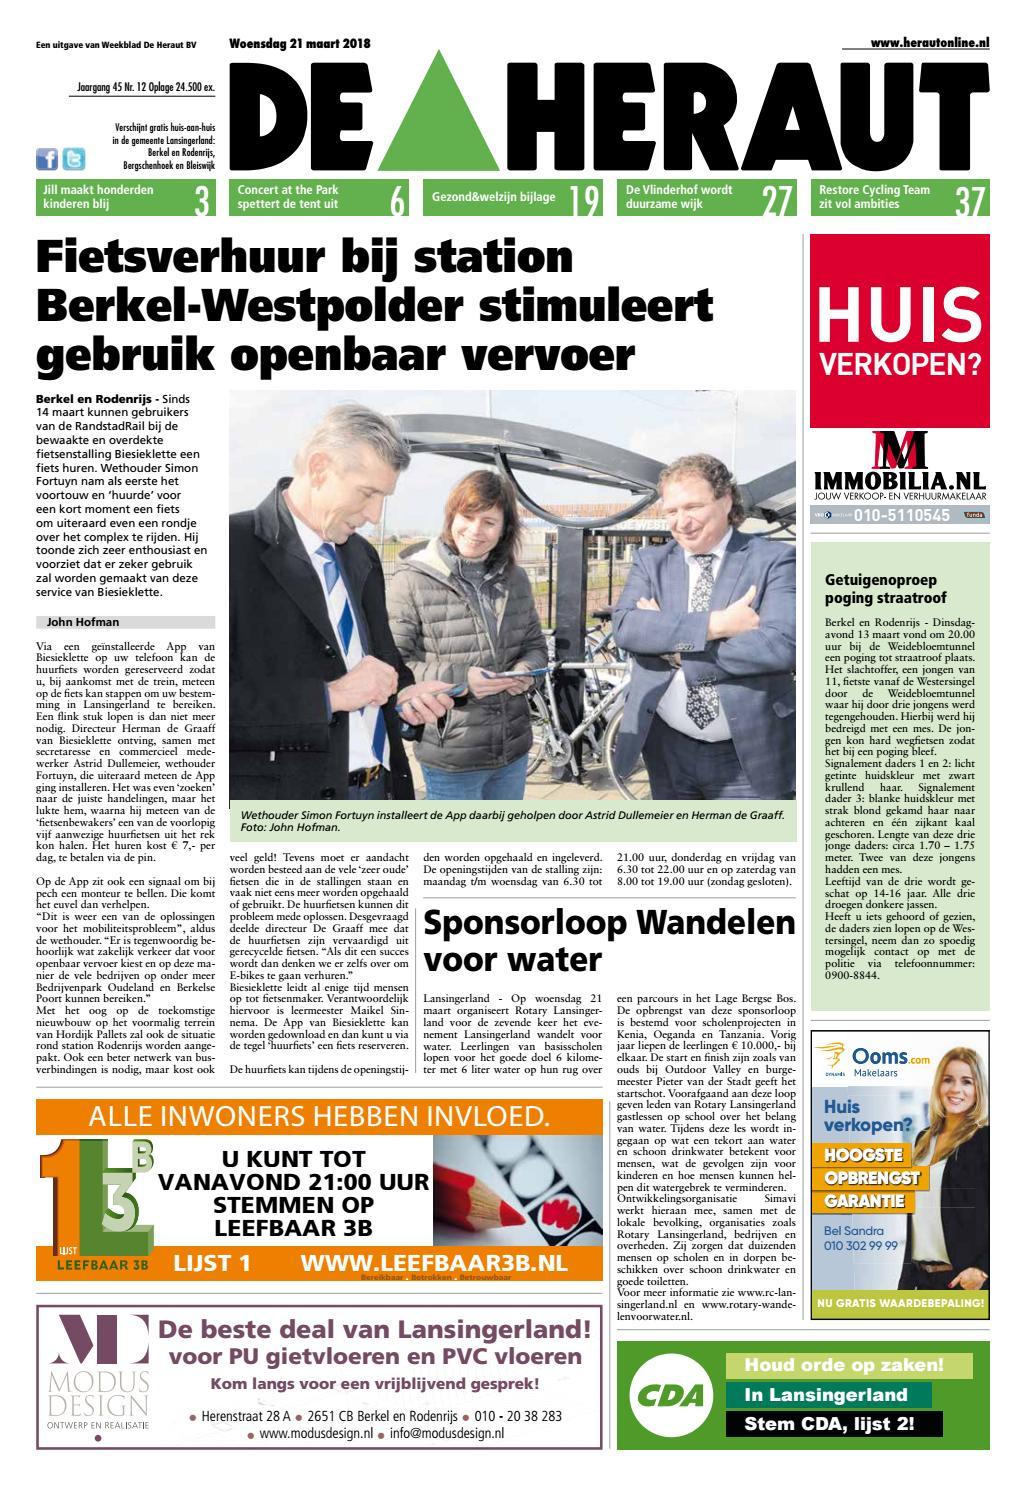 Kleurplaten Van Ome Opa.Heraut Week 12 2018 By Nieuwsblad De Heraut Issuu